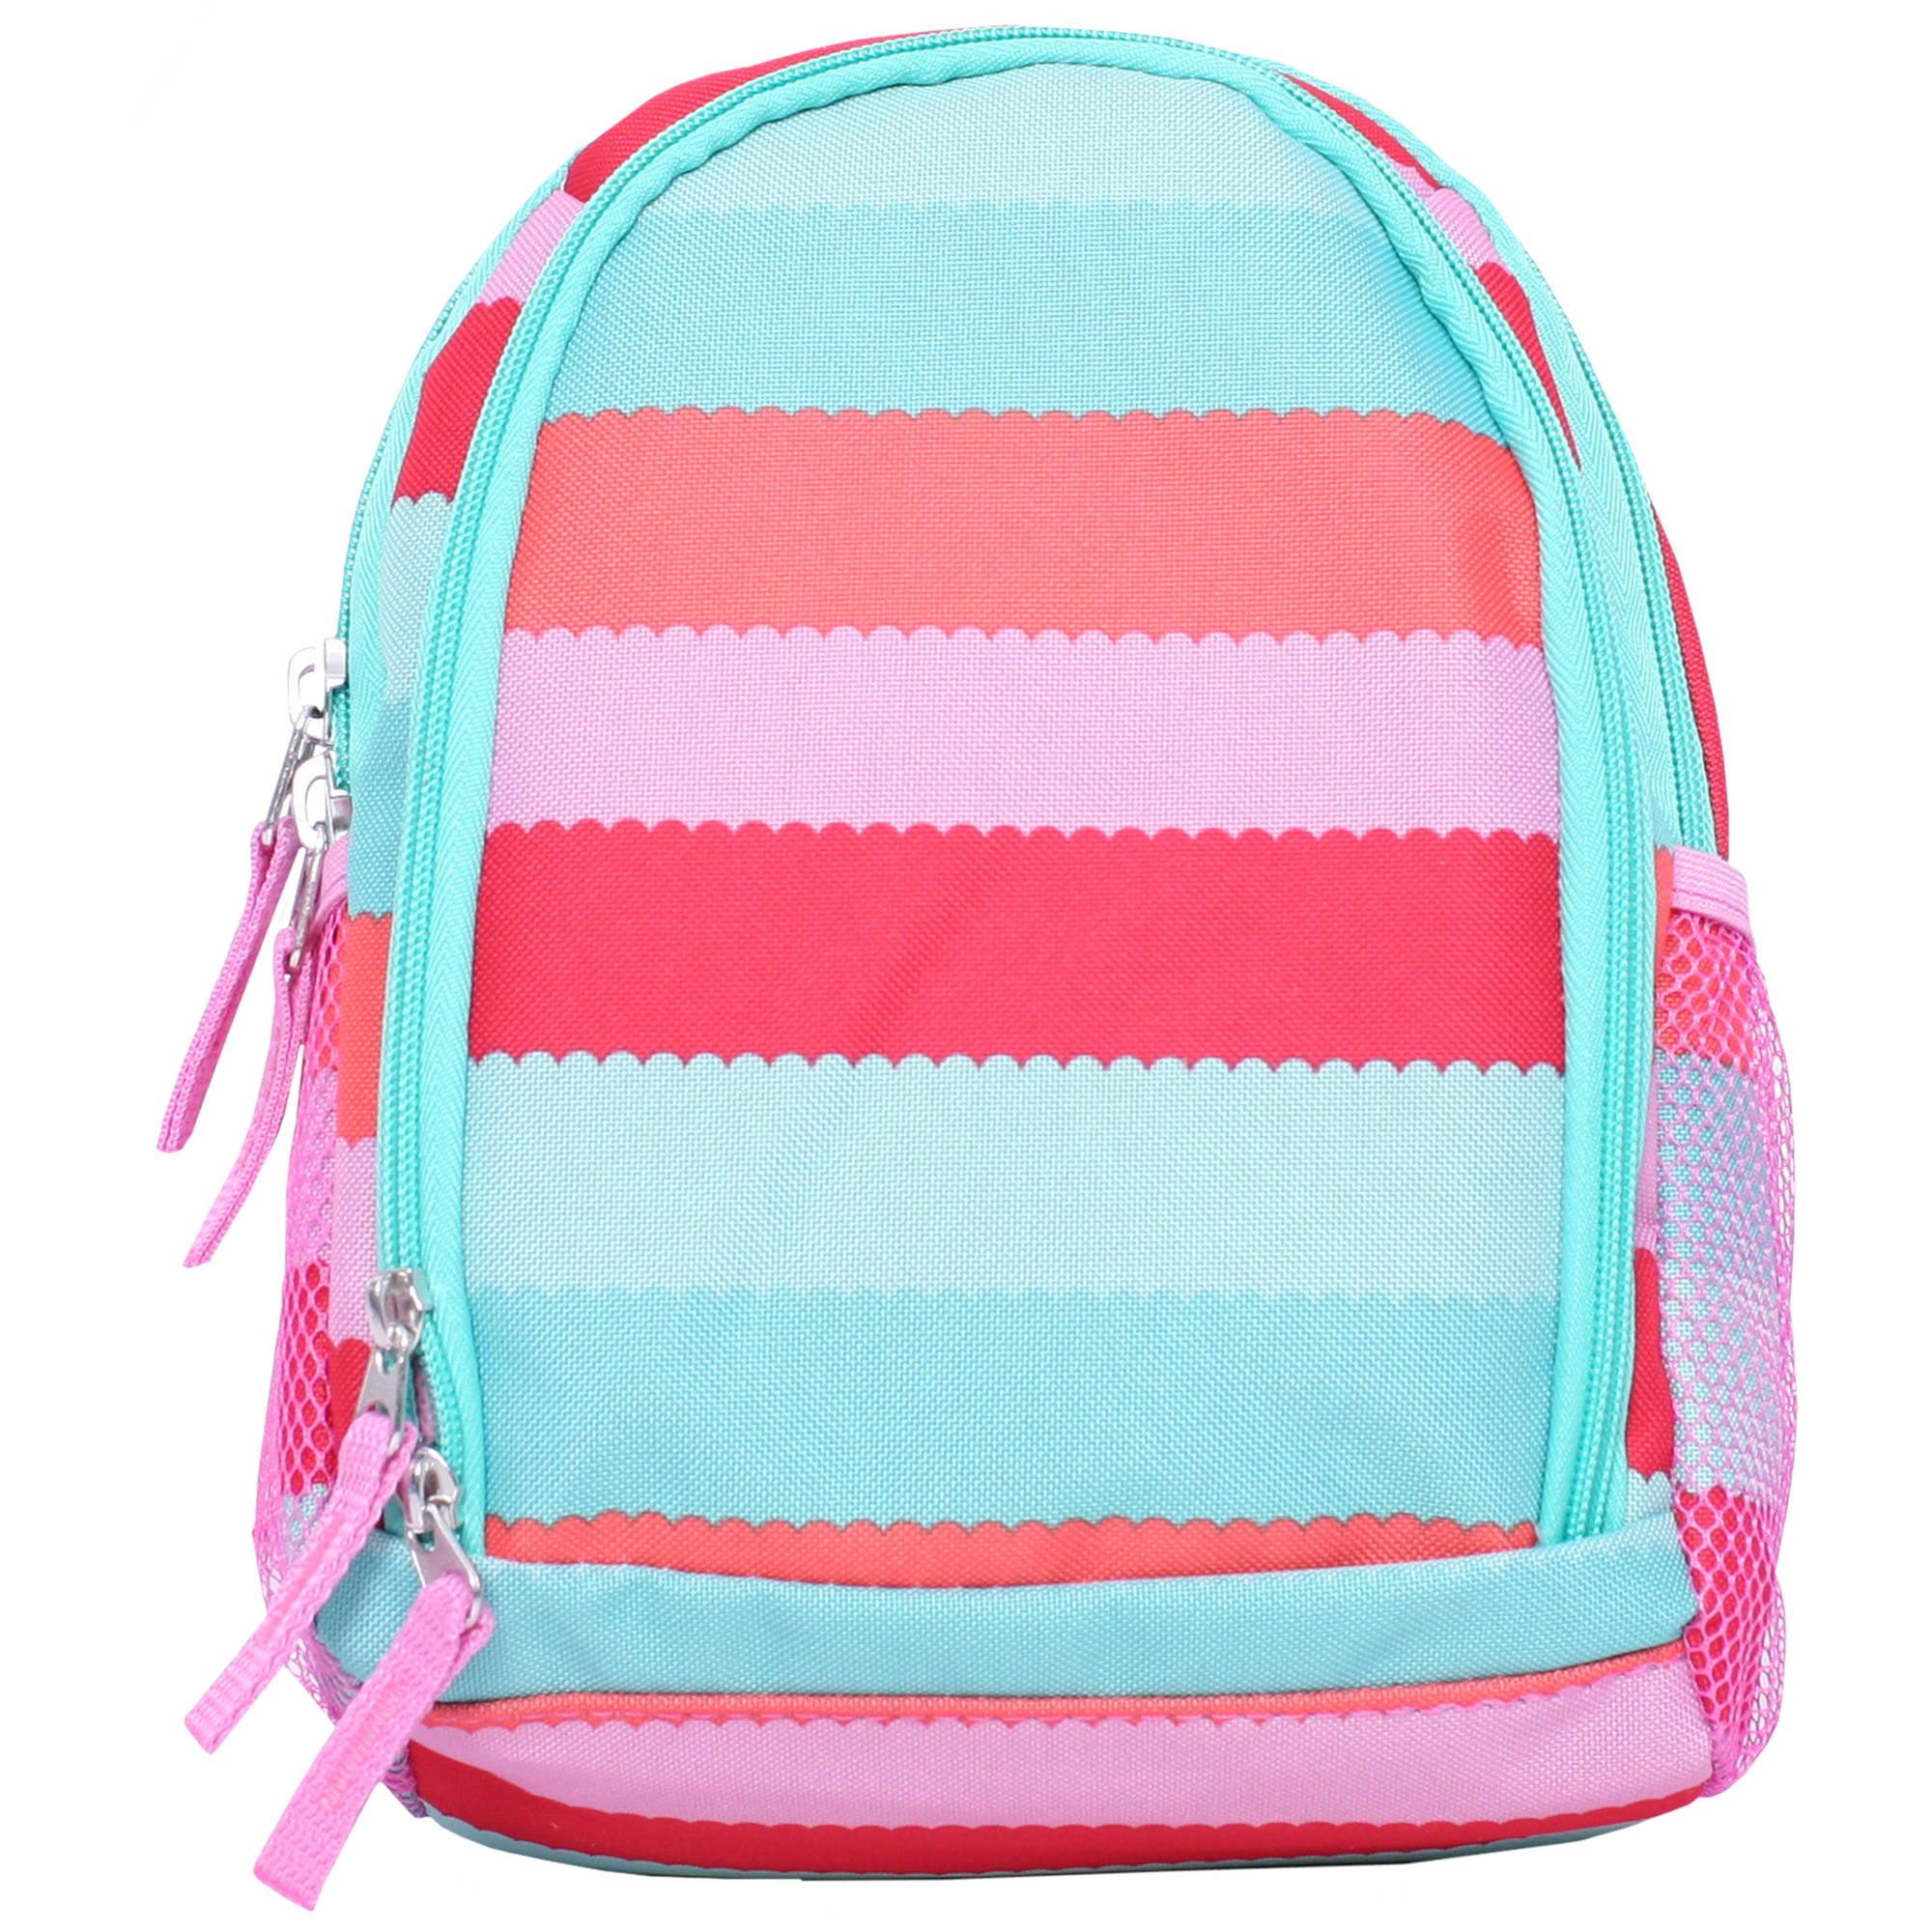 CRckt Kids Backpack, Scalloped Stripes by Olivet International